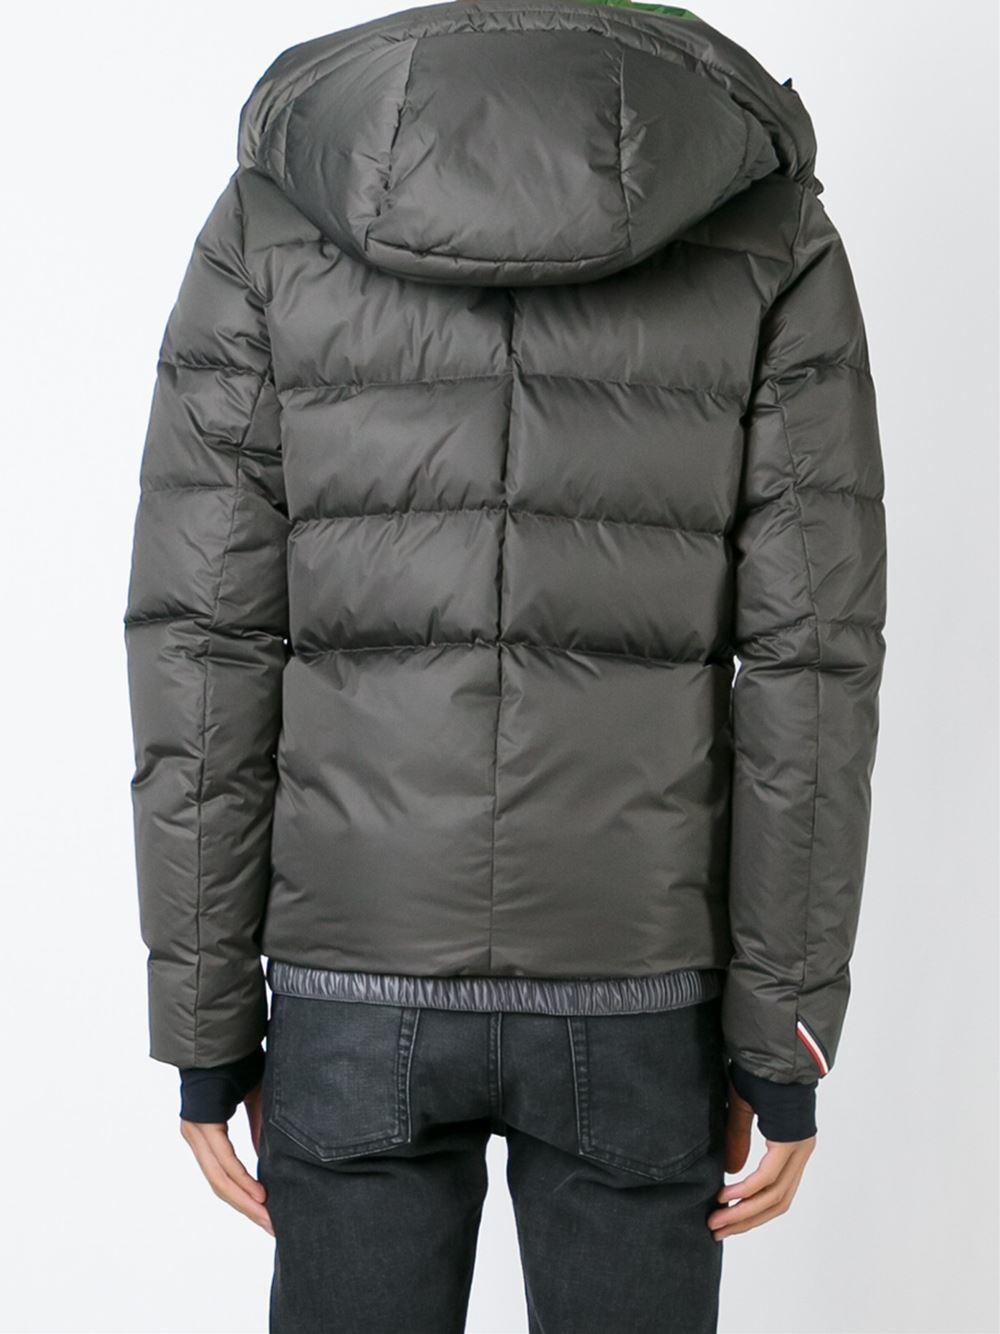 17ed416e4 Moncler Grenoble Rodenberg Jacket Black esw-ecommerce.co.uk